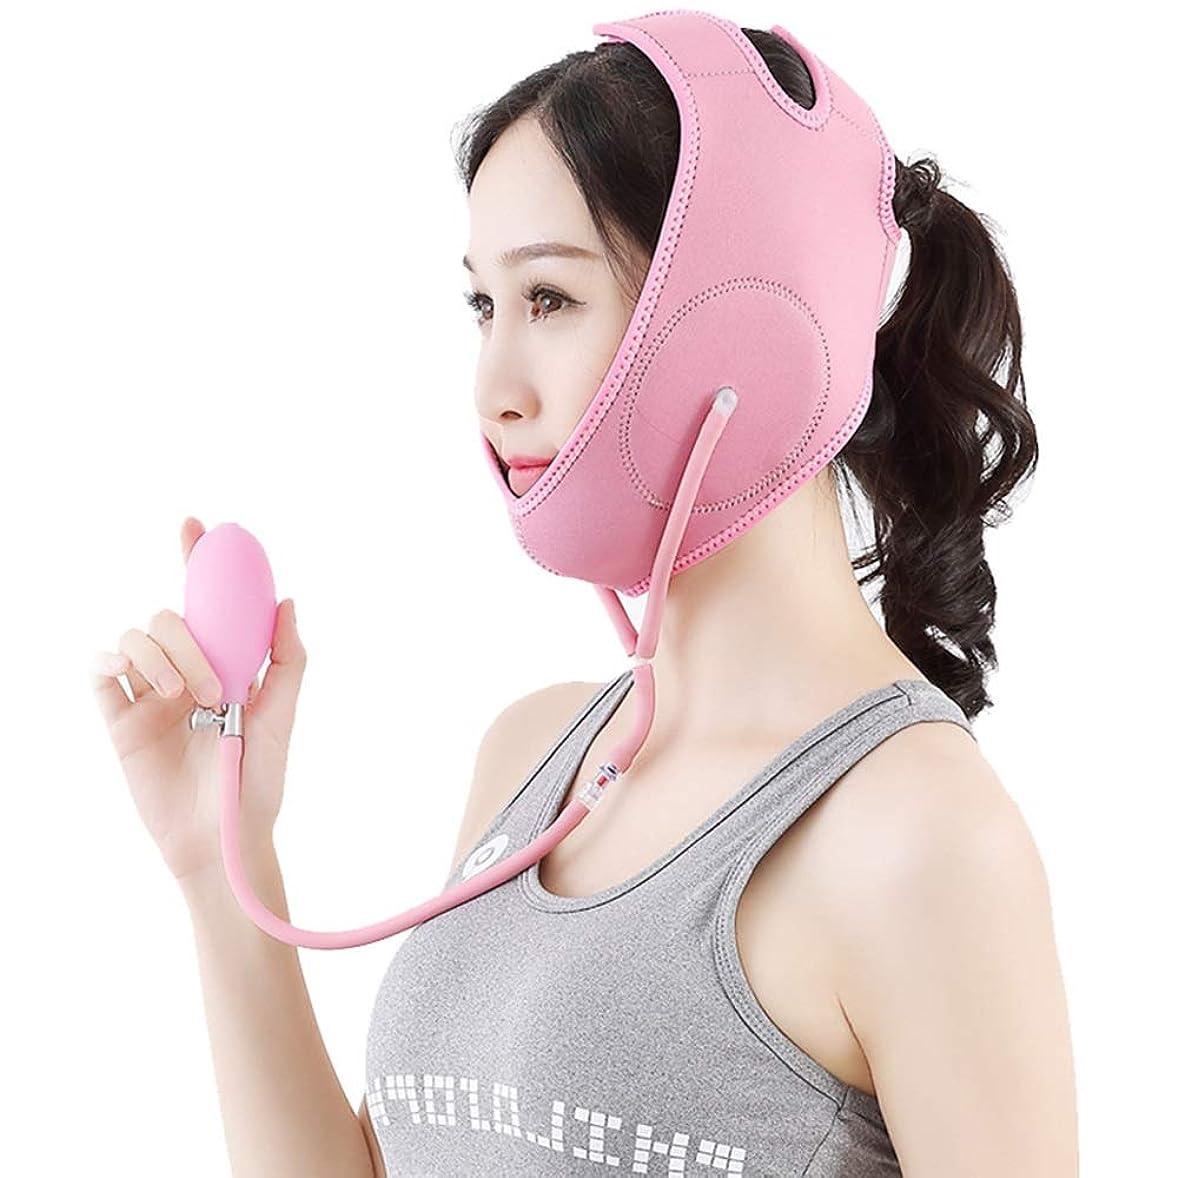 告発アミューズ海Jia Jia- フェイシャルリフティング痩身ベルトダブルエアバッグ圧力調整フェイス包帯マスク整形マスクが顔を引き締める 顔面包帯 (色 : ピンク, サイズ さいず : M)